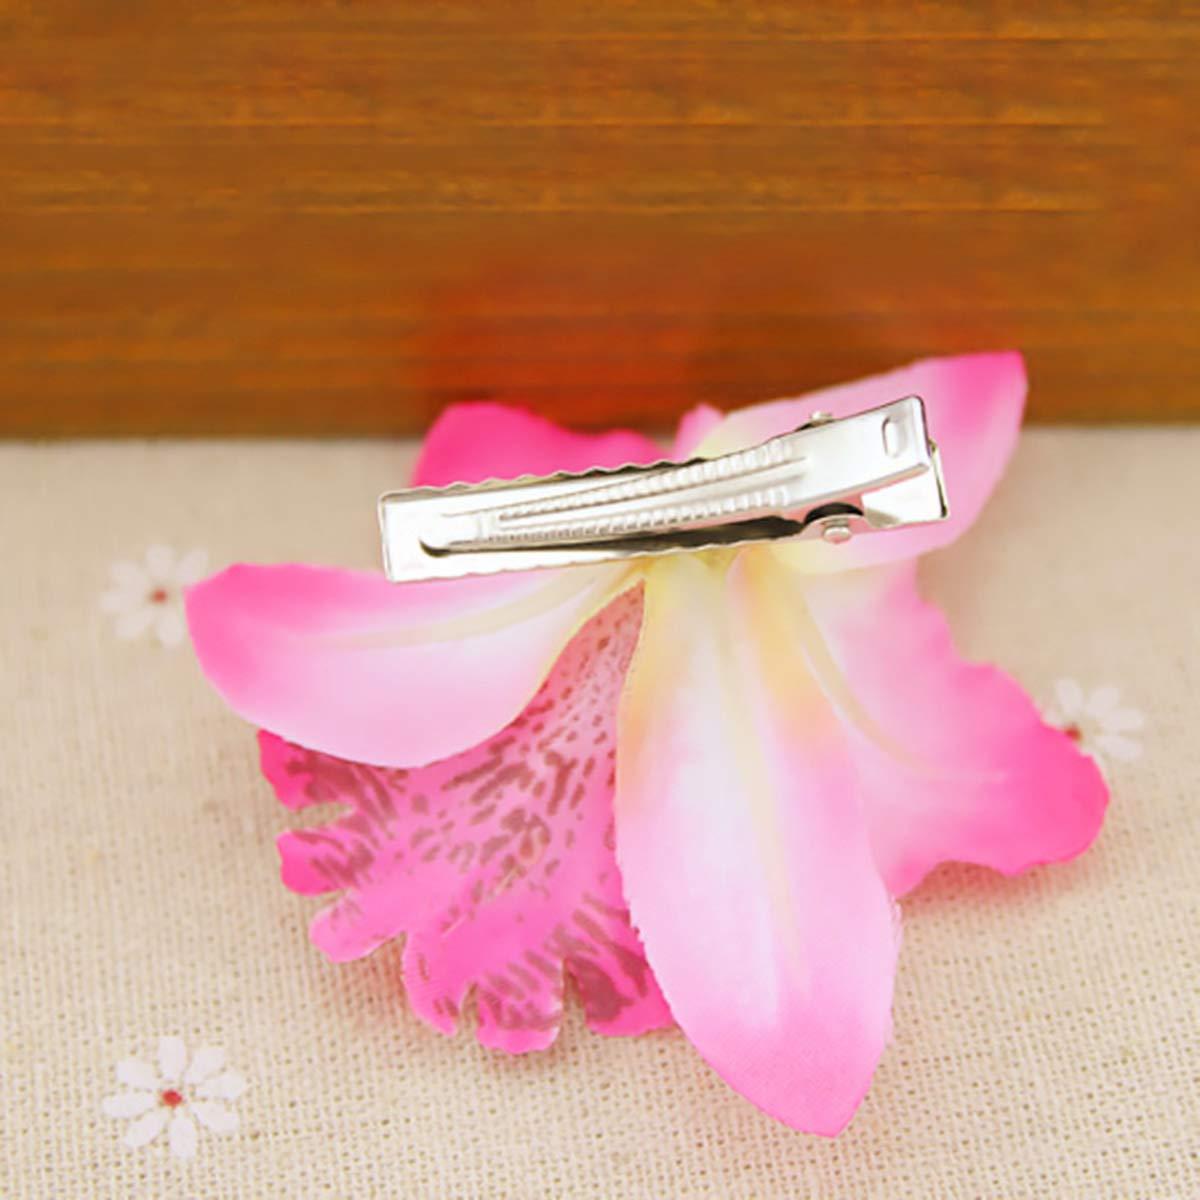 Ruikey les cheveux de pince /à cheveux broche fleur hawa/ïenne mousse accessoire mariage beach decor